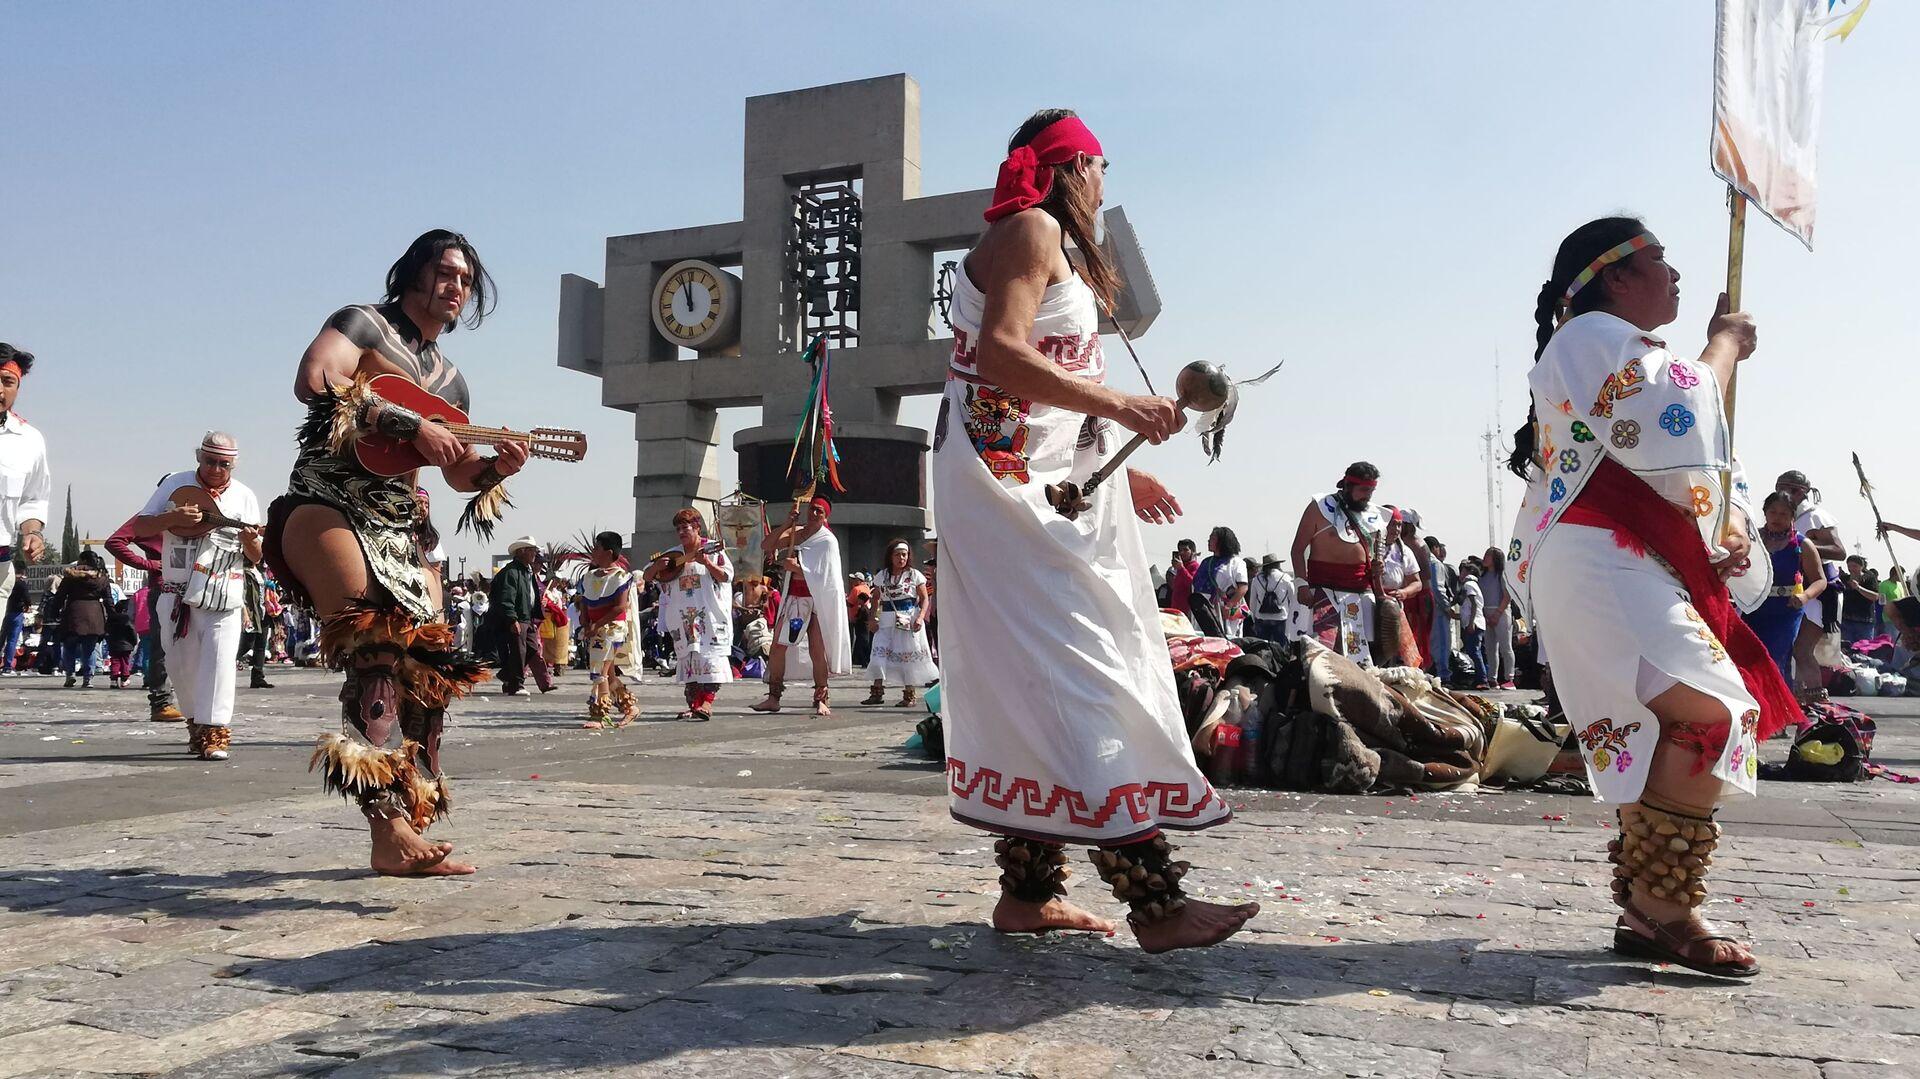 Peregrinos y danzantes: México celebra el día de la Virgen de Guadalupe - Sputnik Mundo, 1920, 27.09.2021